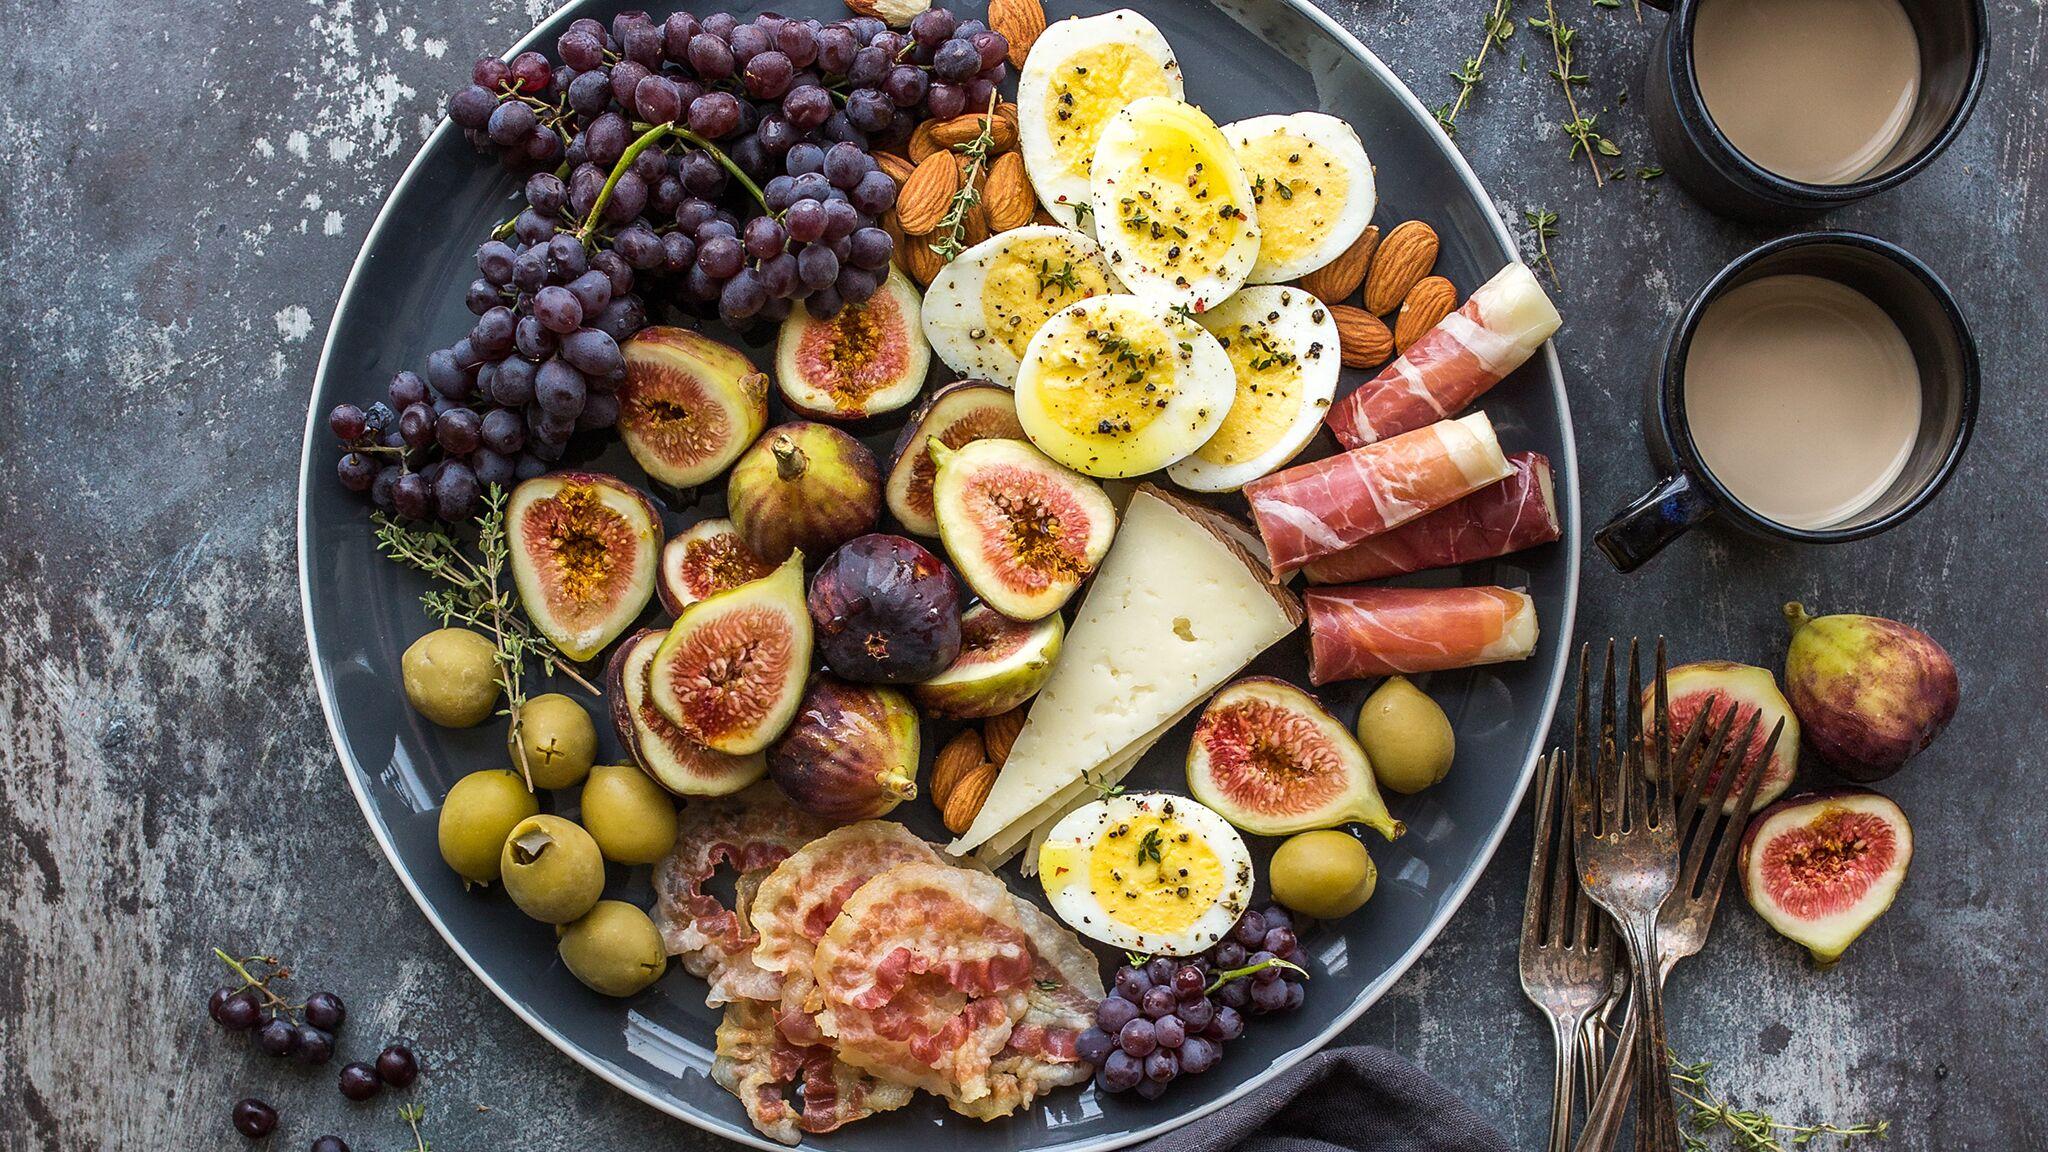 eb76000961f4ea 3 comptes Instagram qui donnent envie de cuisiner sainement - Voici